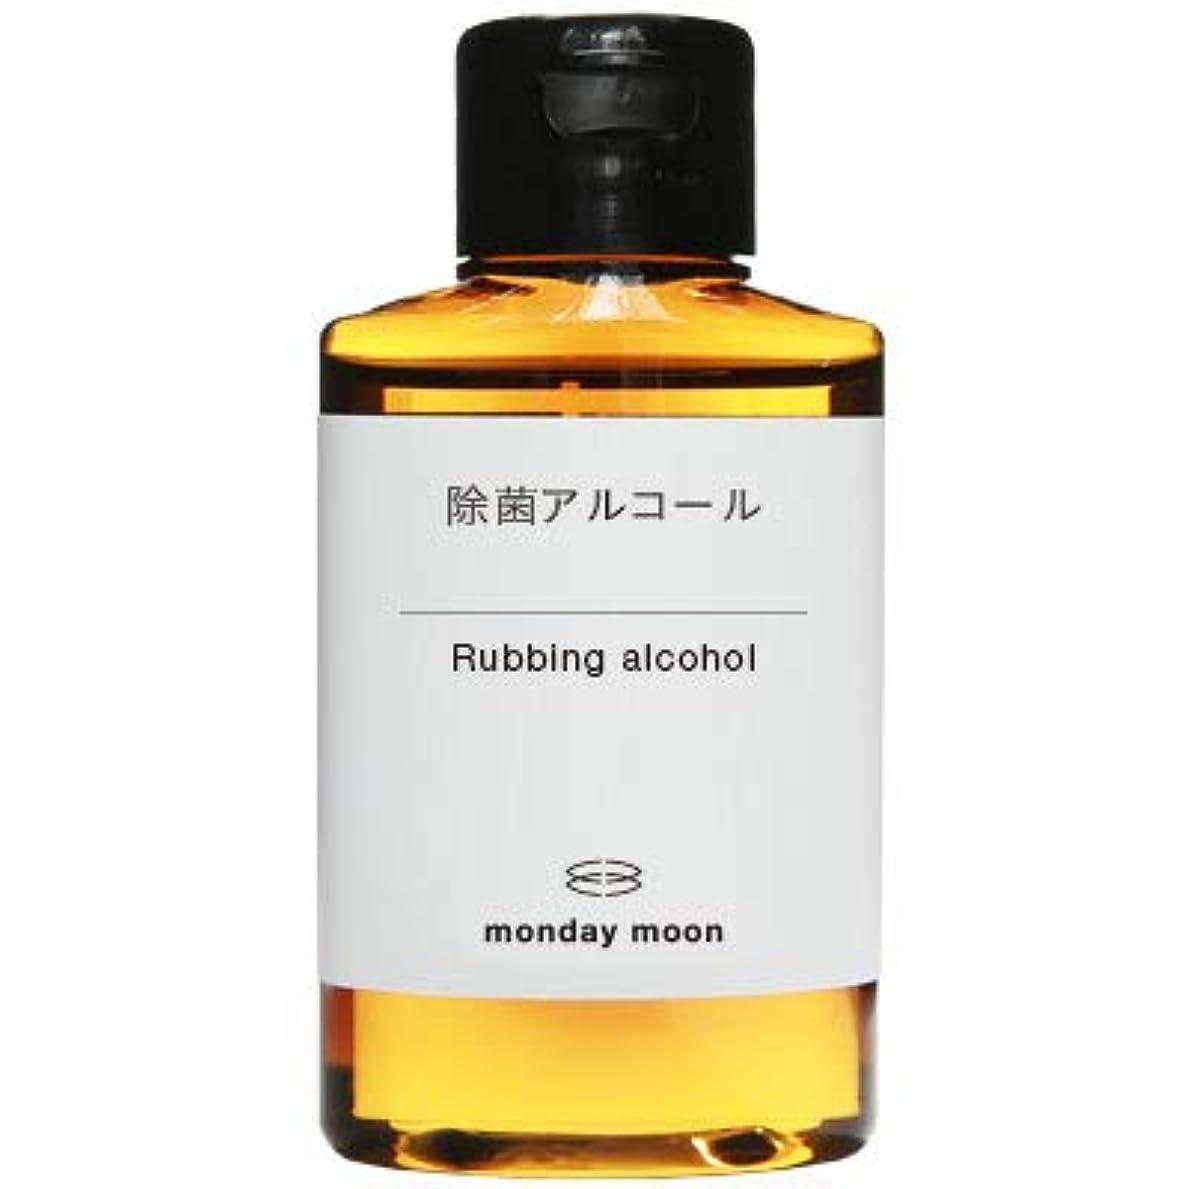 高さ滑る反対除菌アルコール/50ml[メール便対応ボトル]